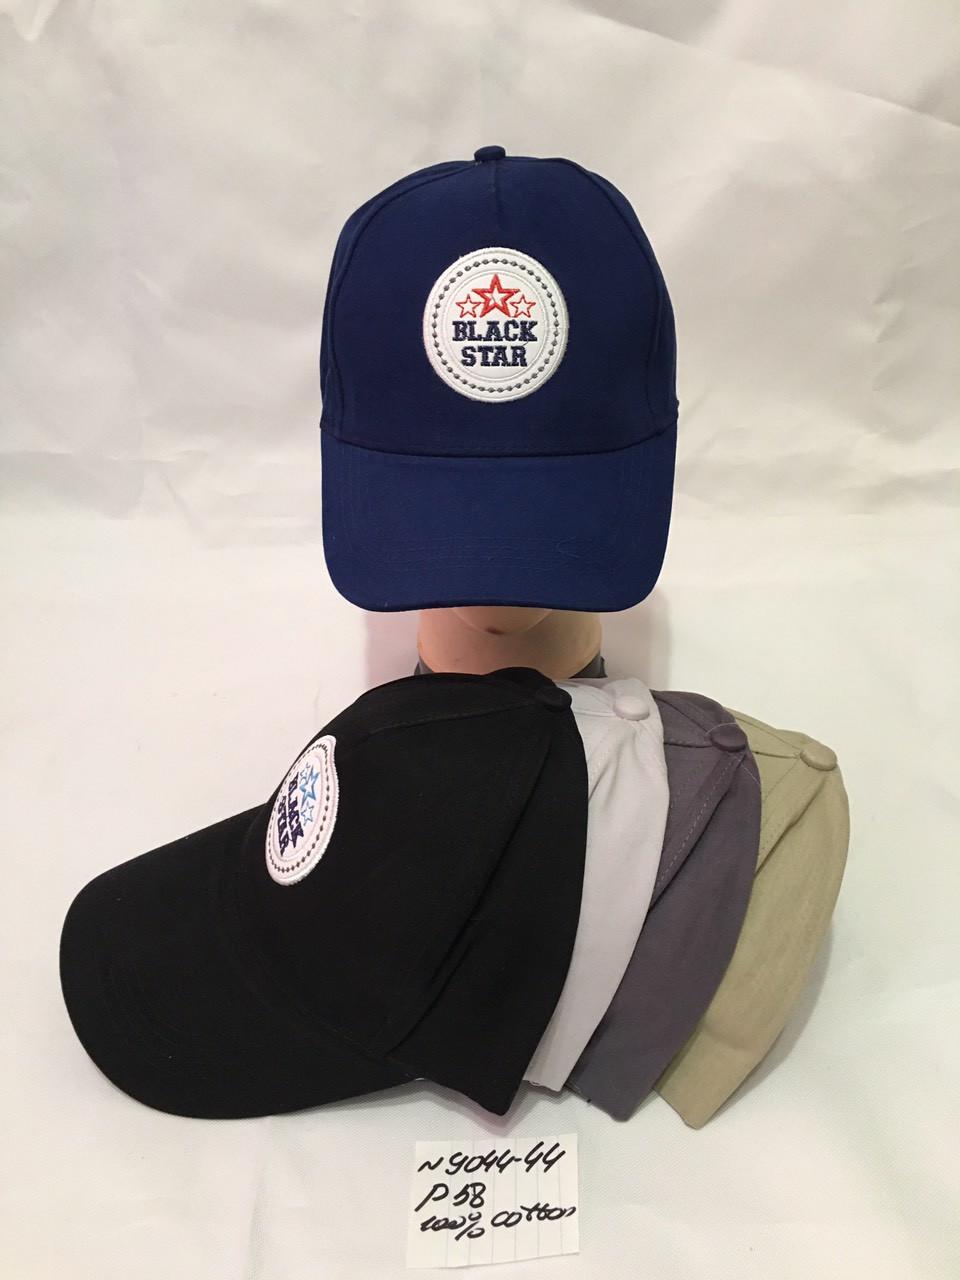 Подростковая однотонная кепка  для мальчика Black Star р.58 100% cotton